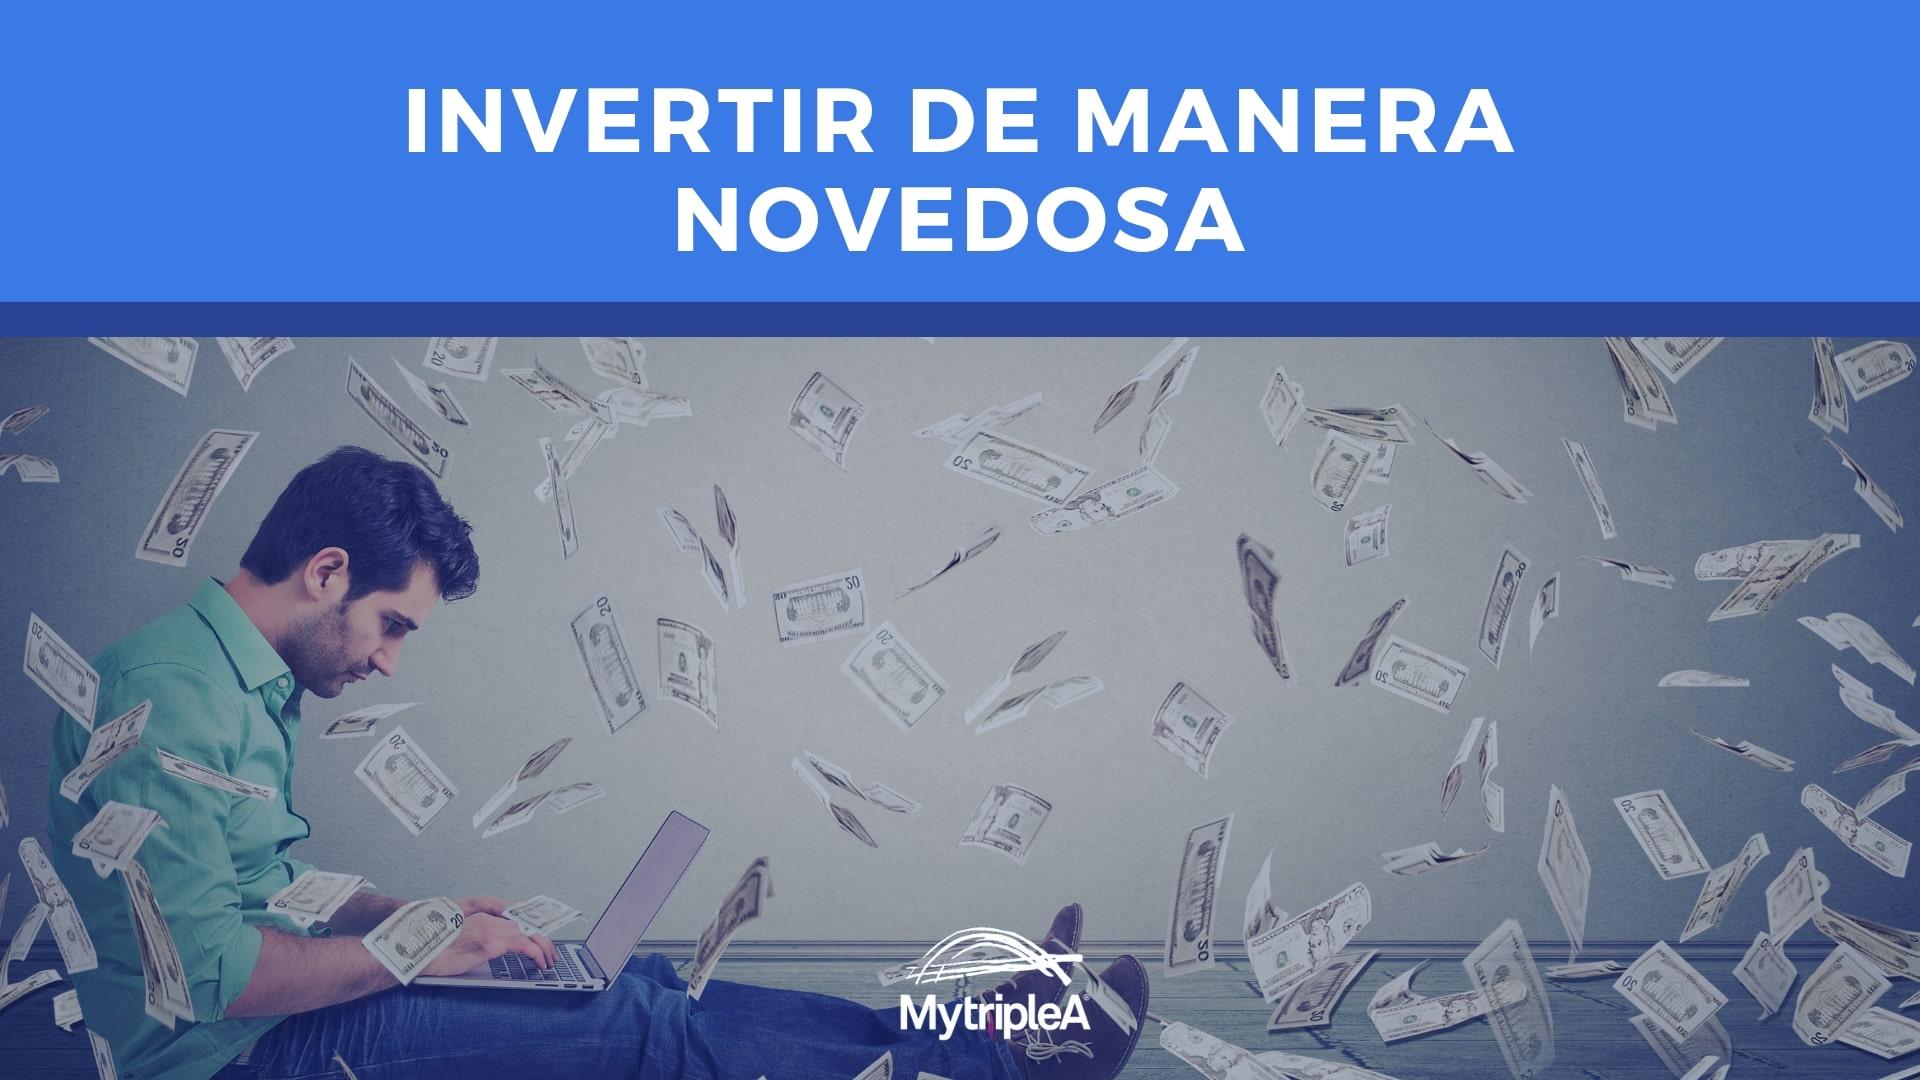 invertir-novedad-mytriplea.jpg